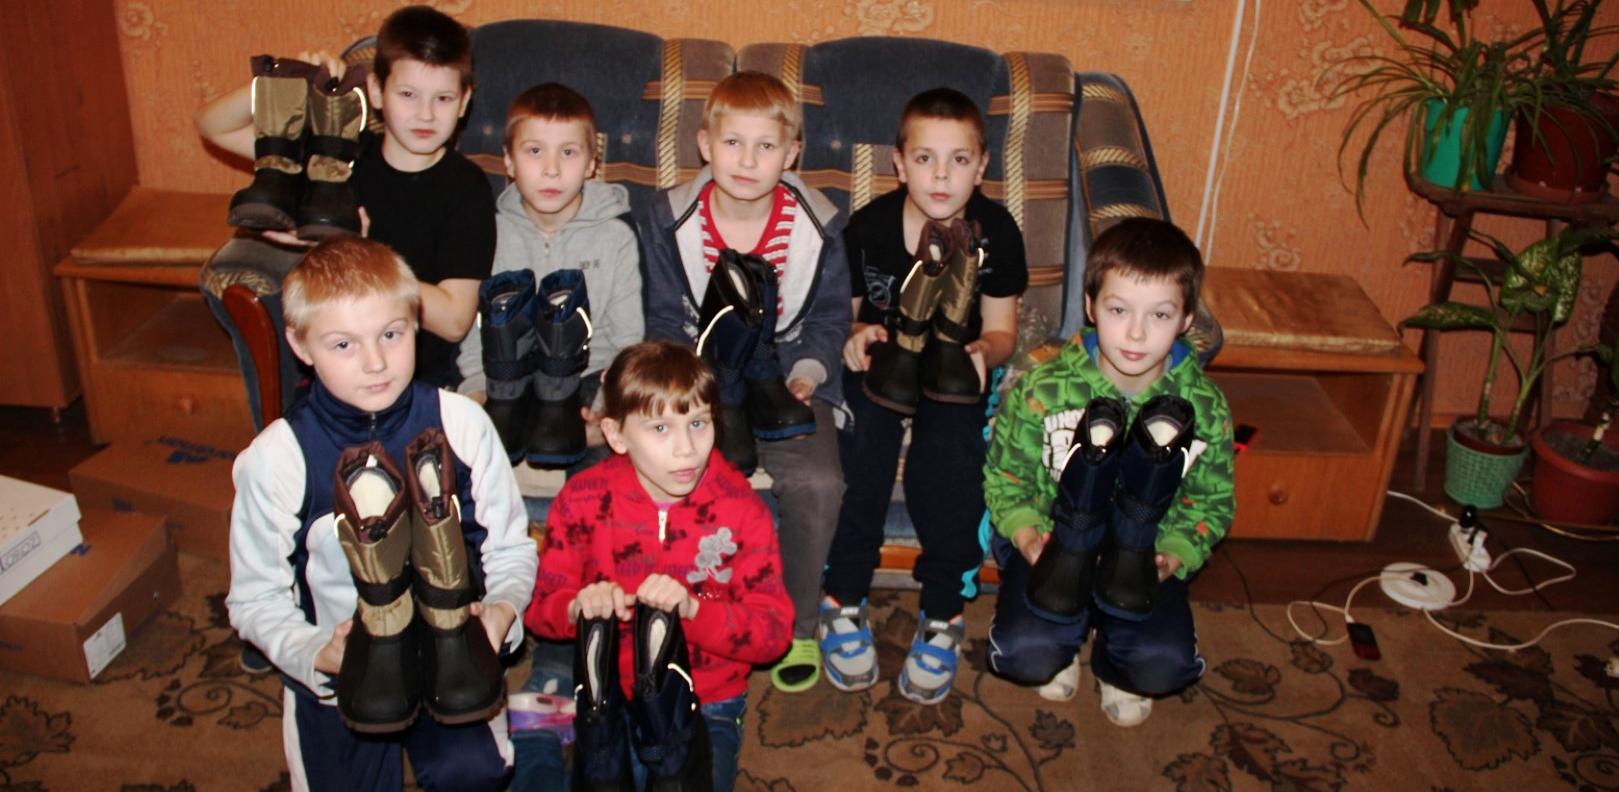 Warmes Schuhwerk für Kinder in Not